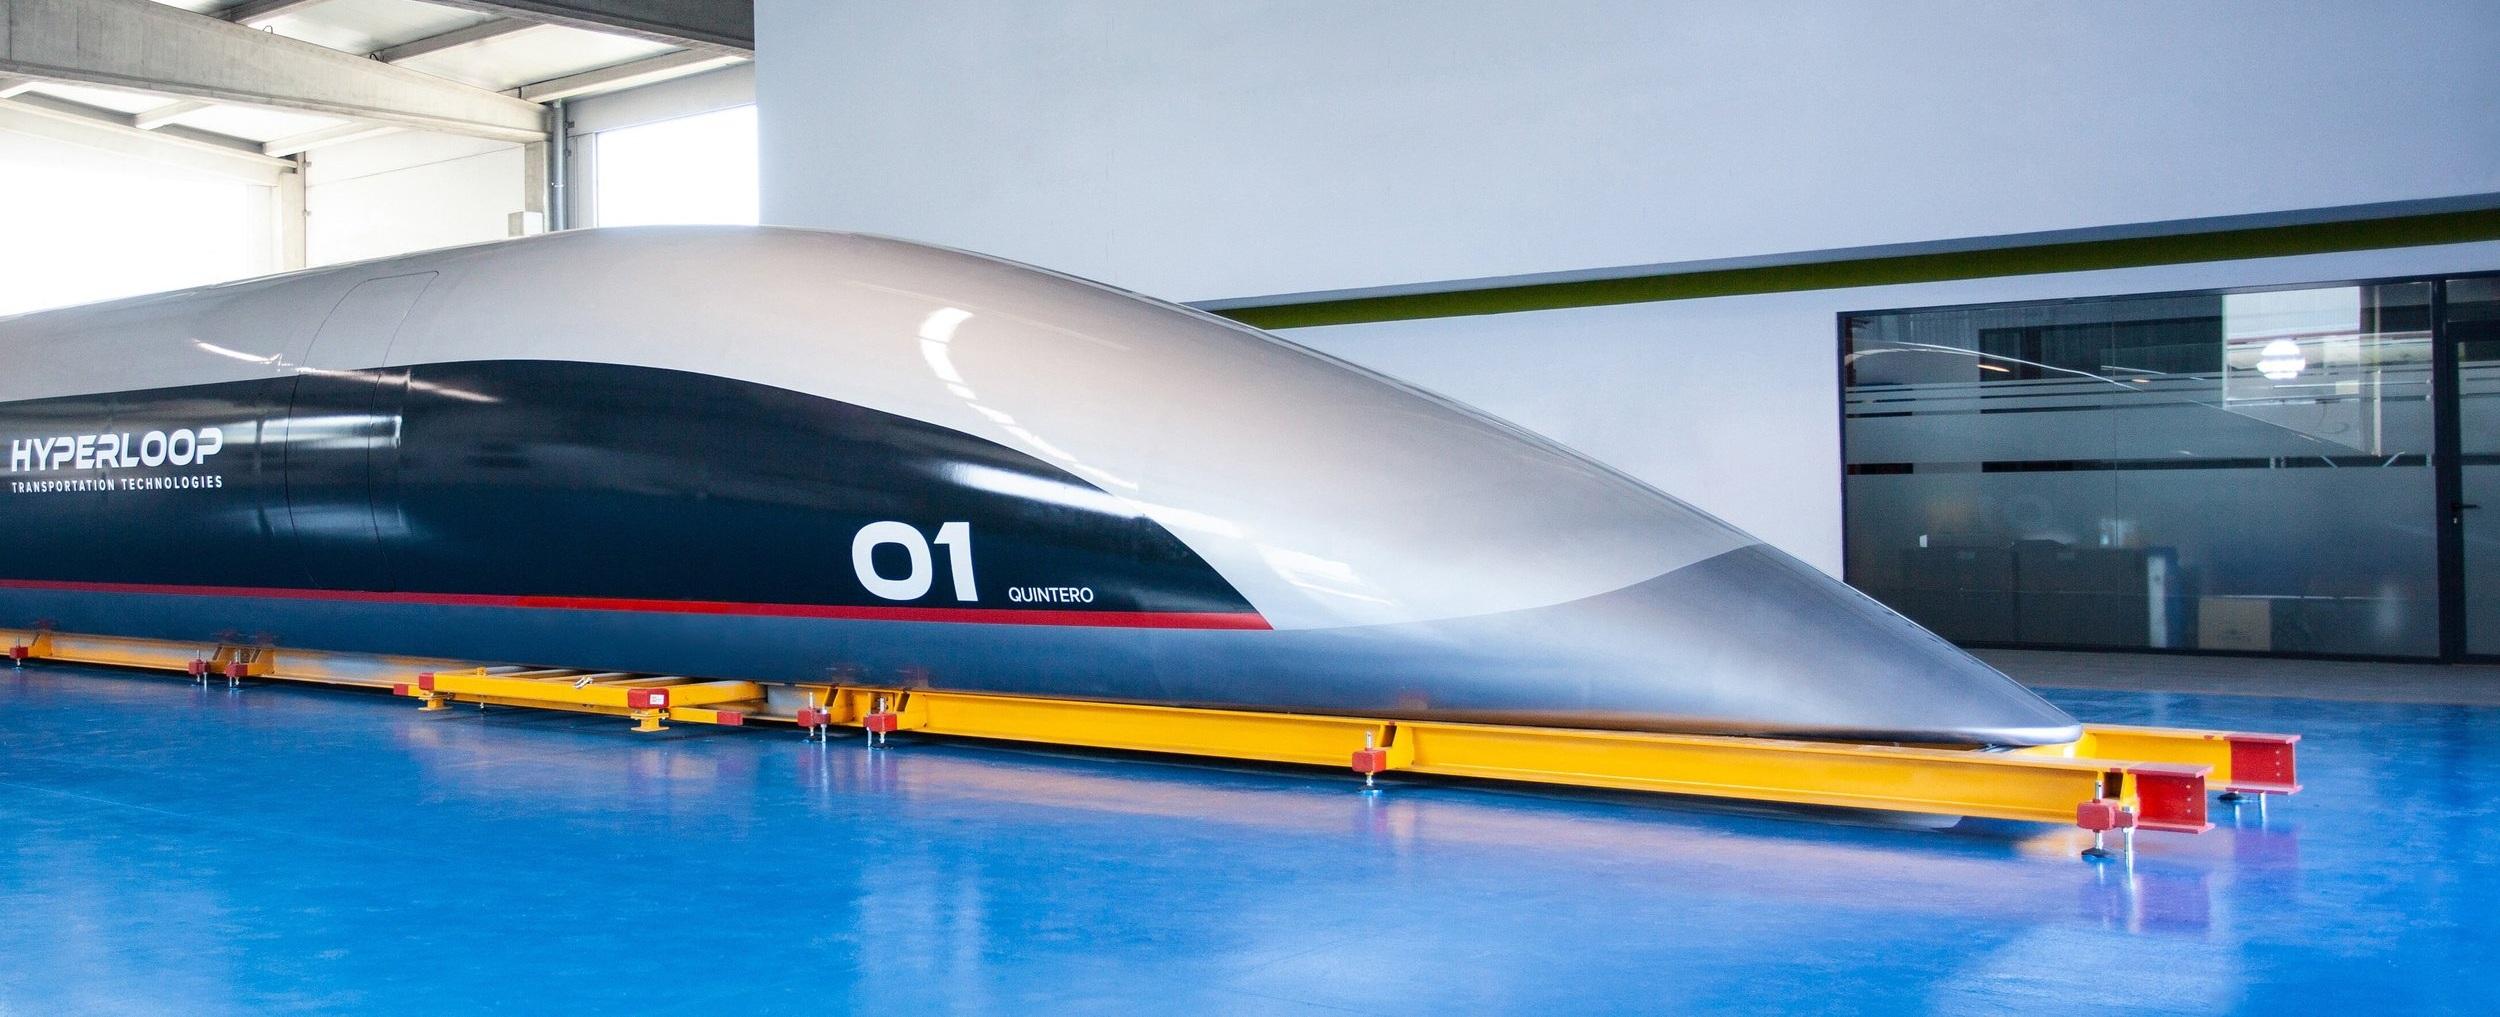 HyperloopTT Recently Revealed Full-Scale Passenger Capsule